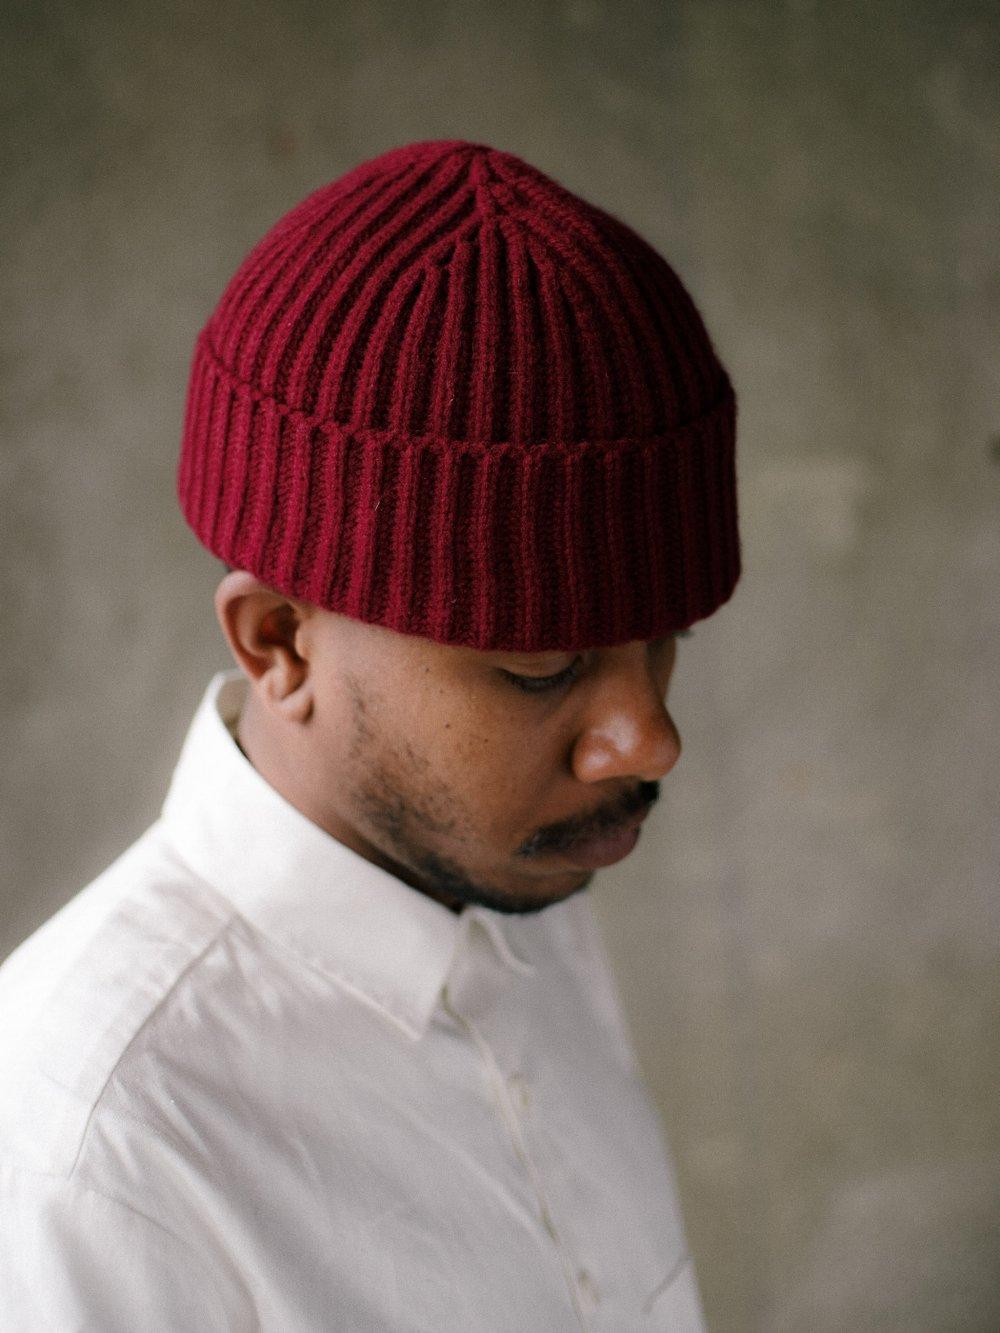 evan-kinori-knit-hat-red-2